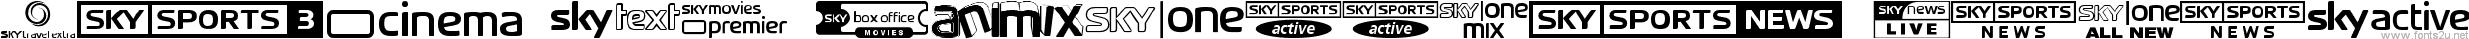 Sky TV Channel Logos